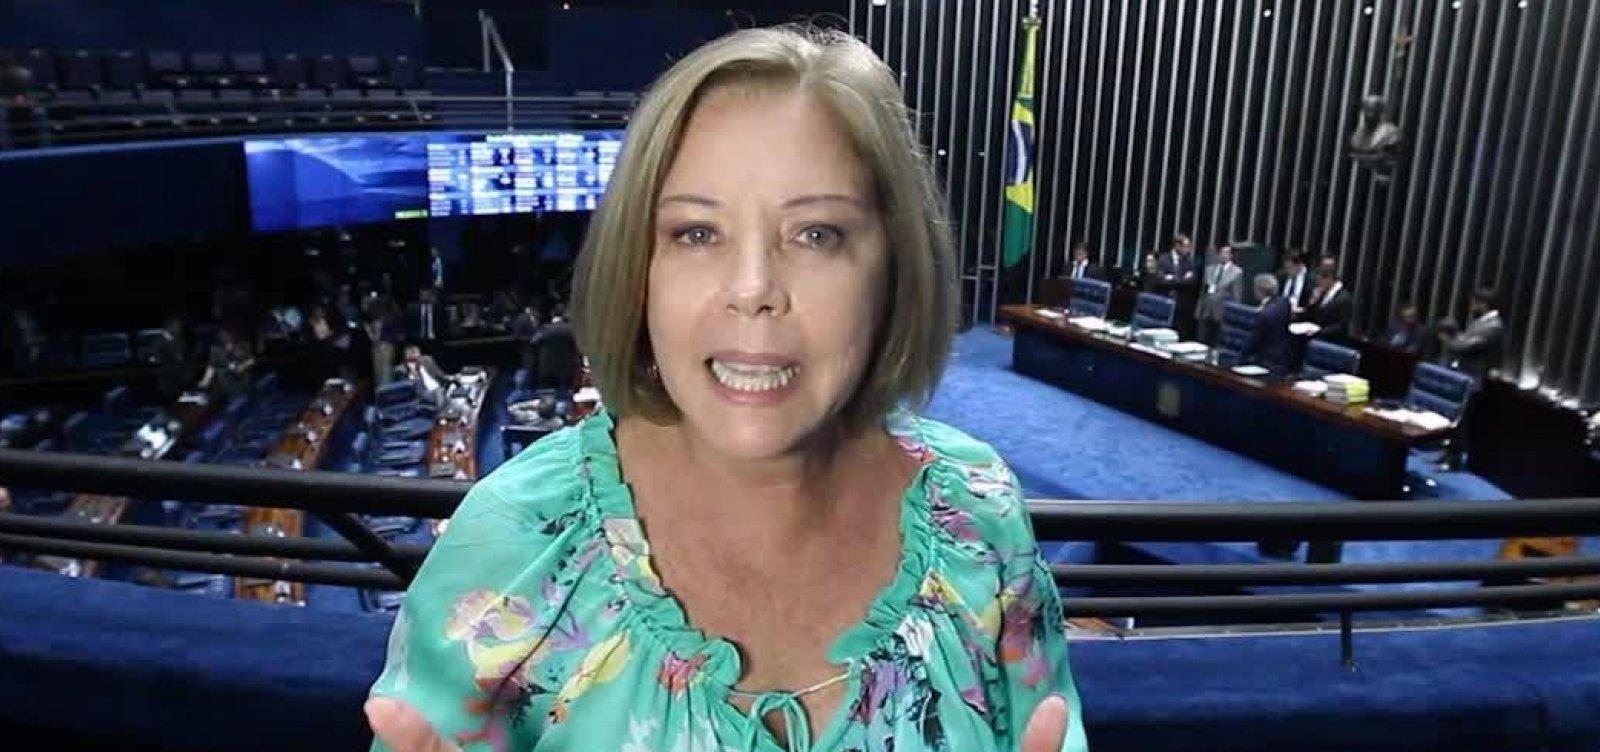 [Cantanhêde critica retórica de apoiadores e diz que Bolsonaro 'tem que abaixar a bola']